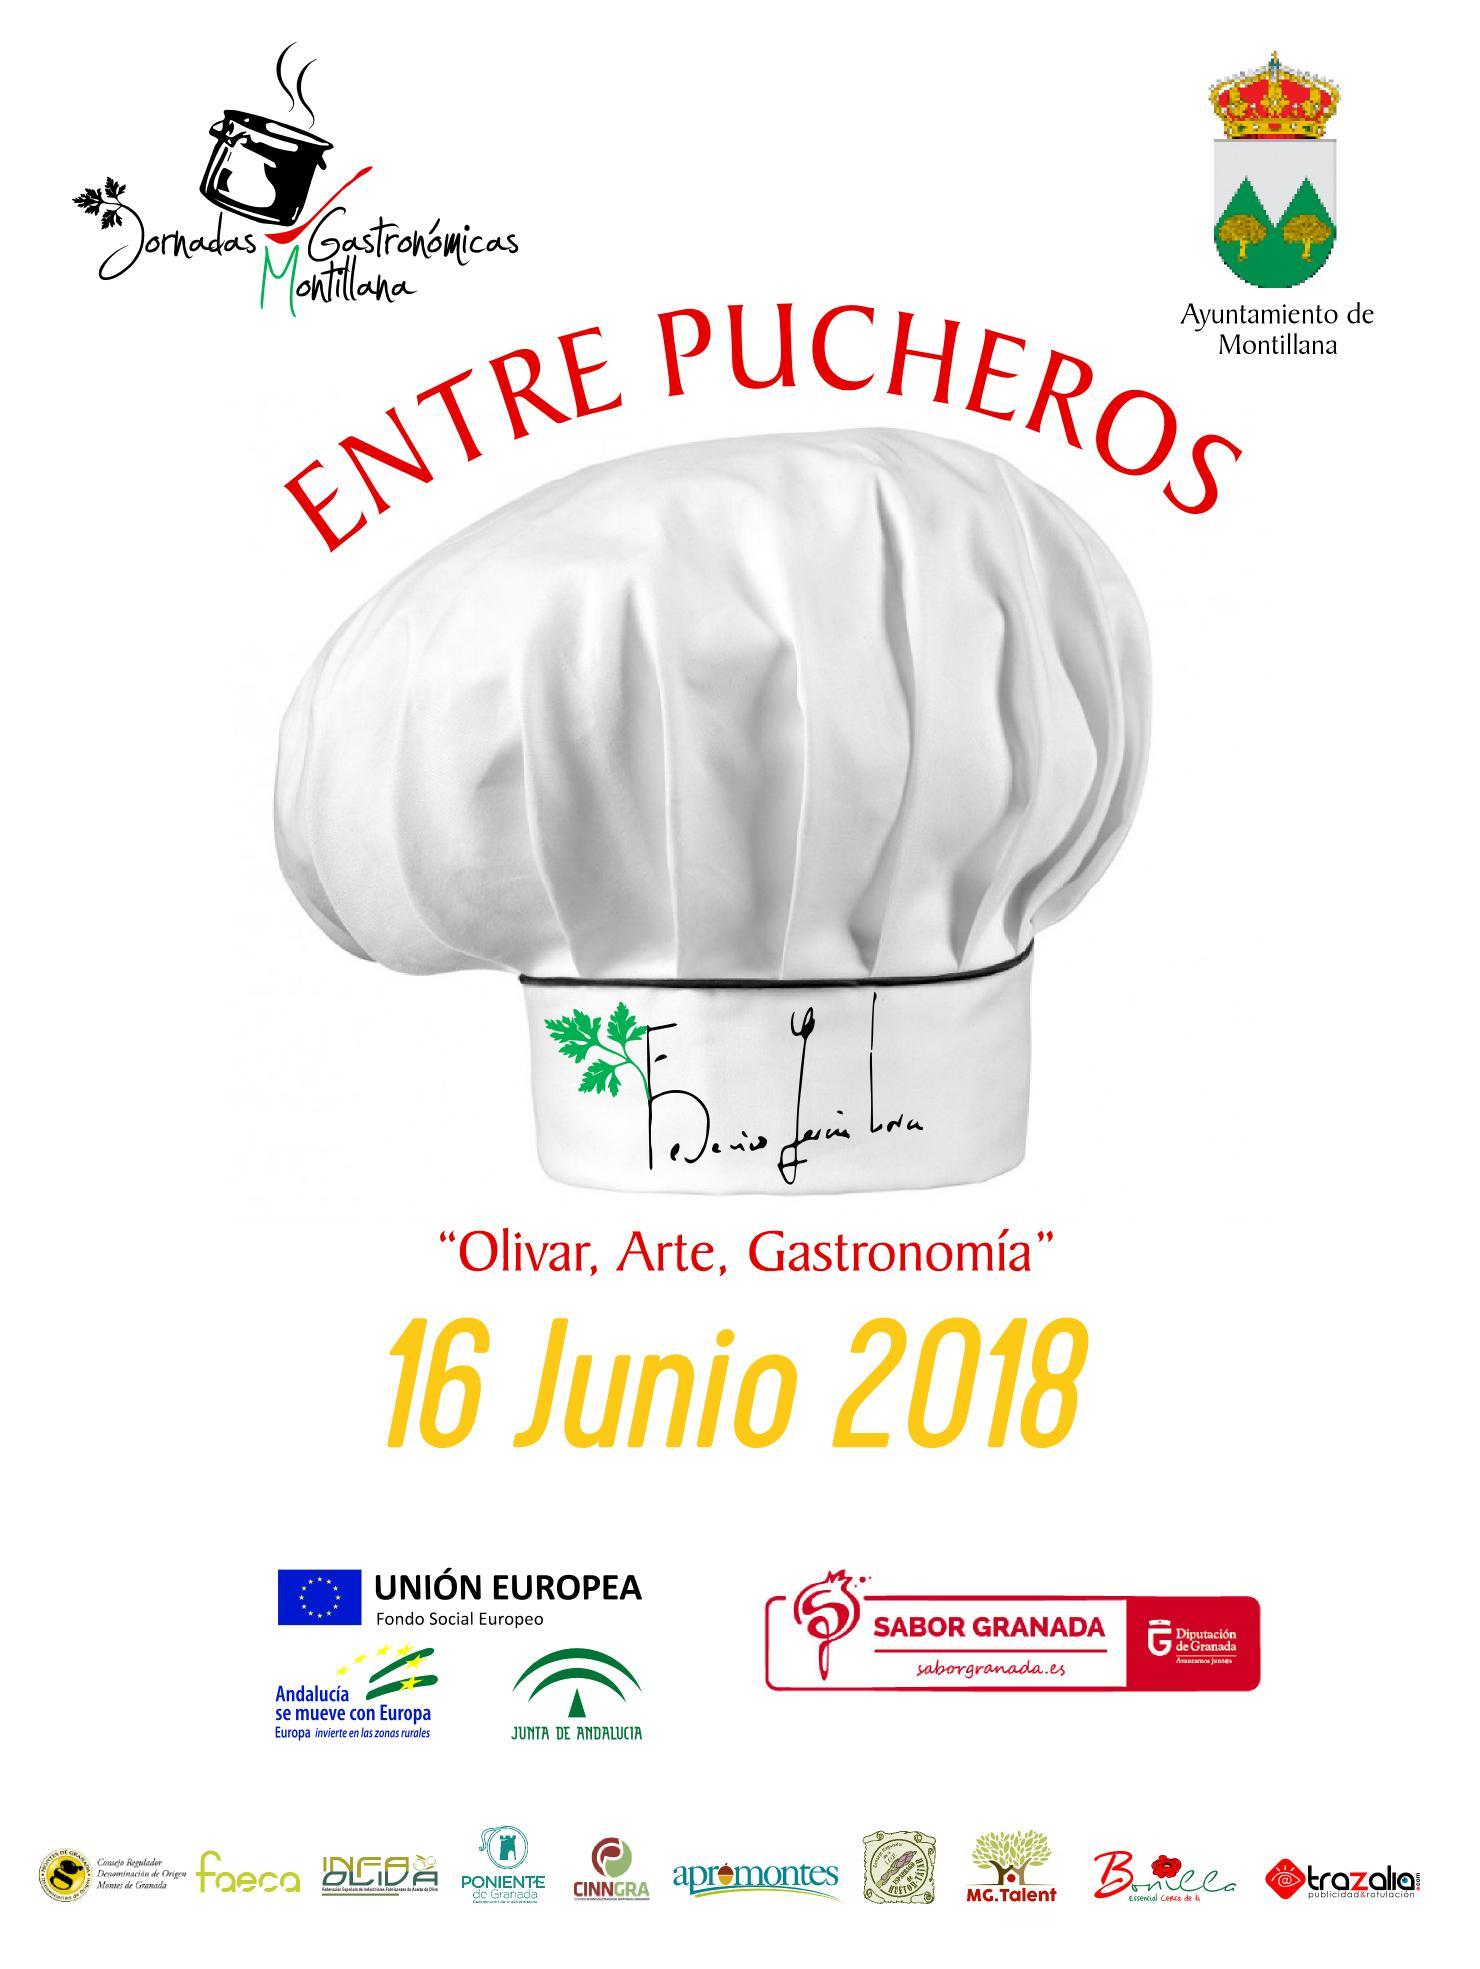 Cartel digital de las jornadas gastronómicas montillana - Sabor Granada